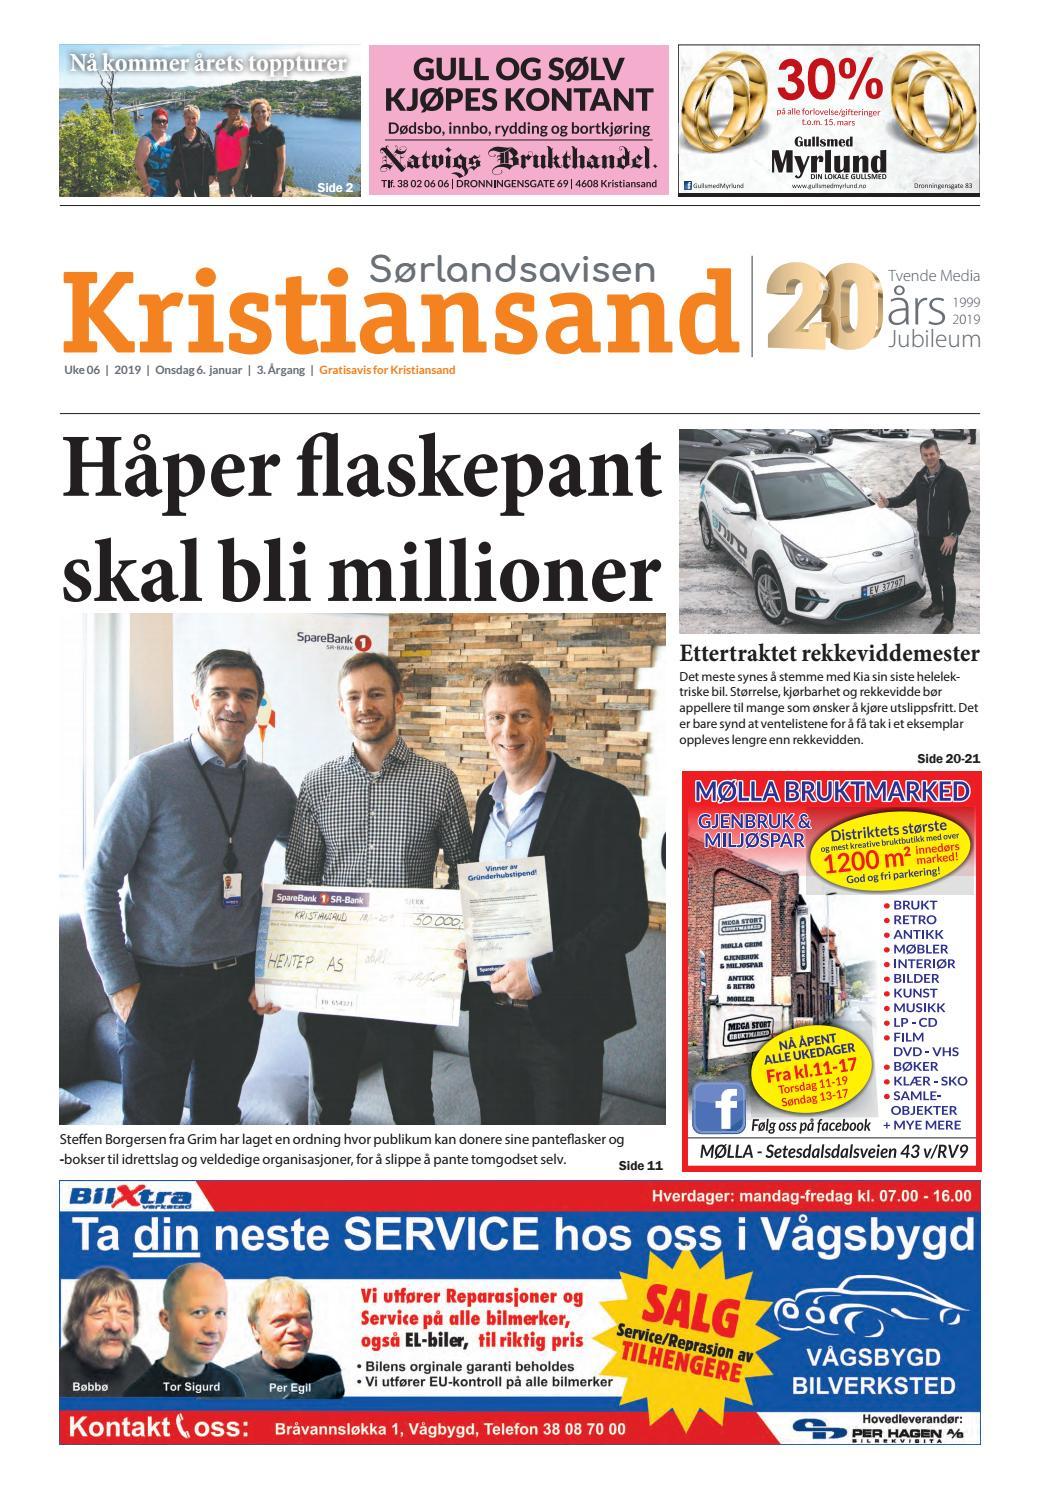 9840d3c80 Sørlandsavisen Kristiansand - Uke 6 by Tvende Media AS - issuu